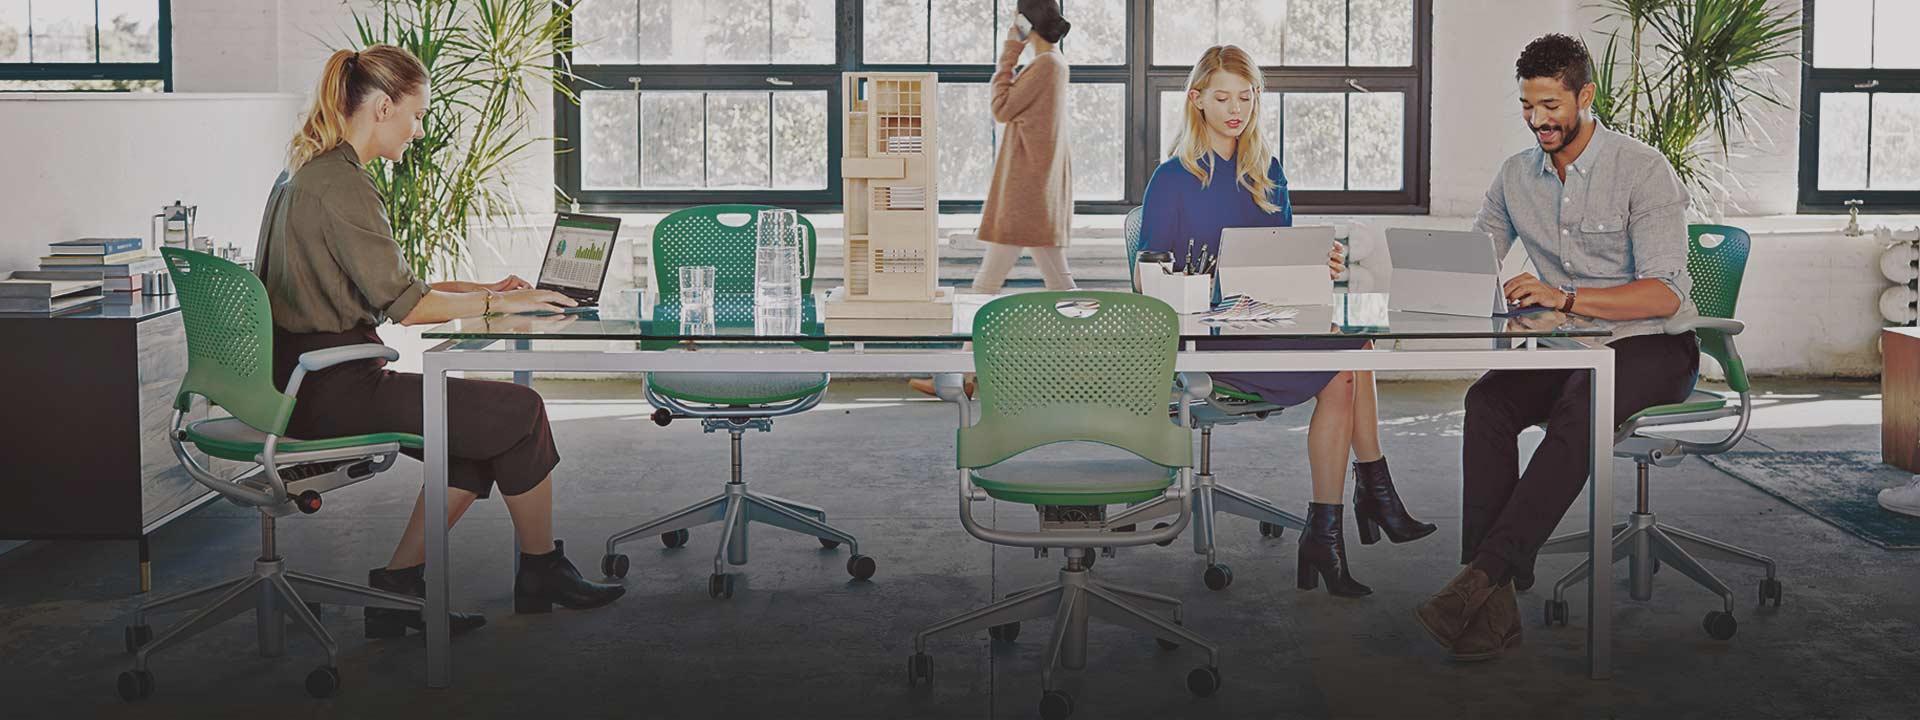 Pessoas a trabalharem, saiba mais sobre o Office 365